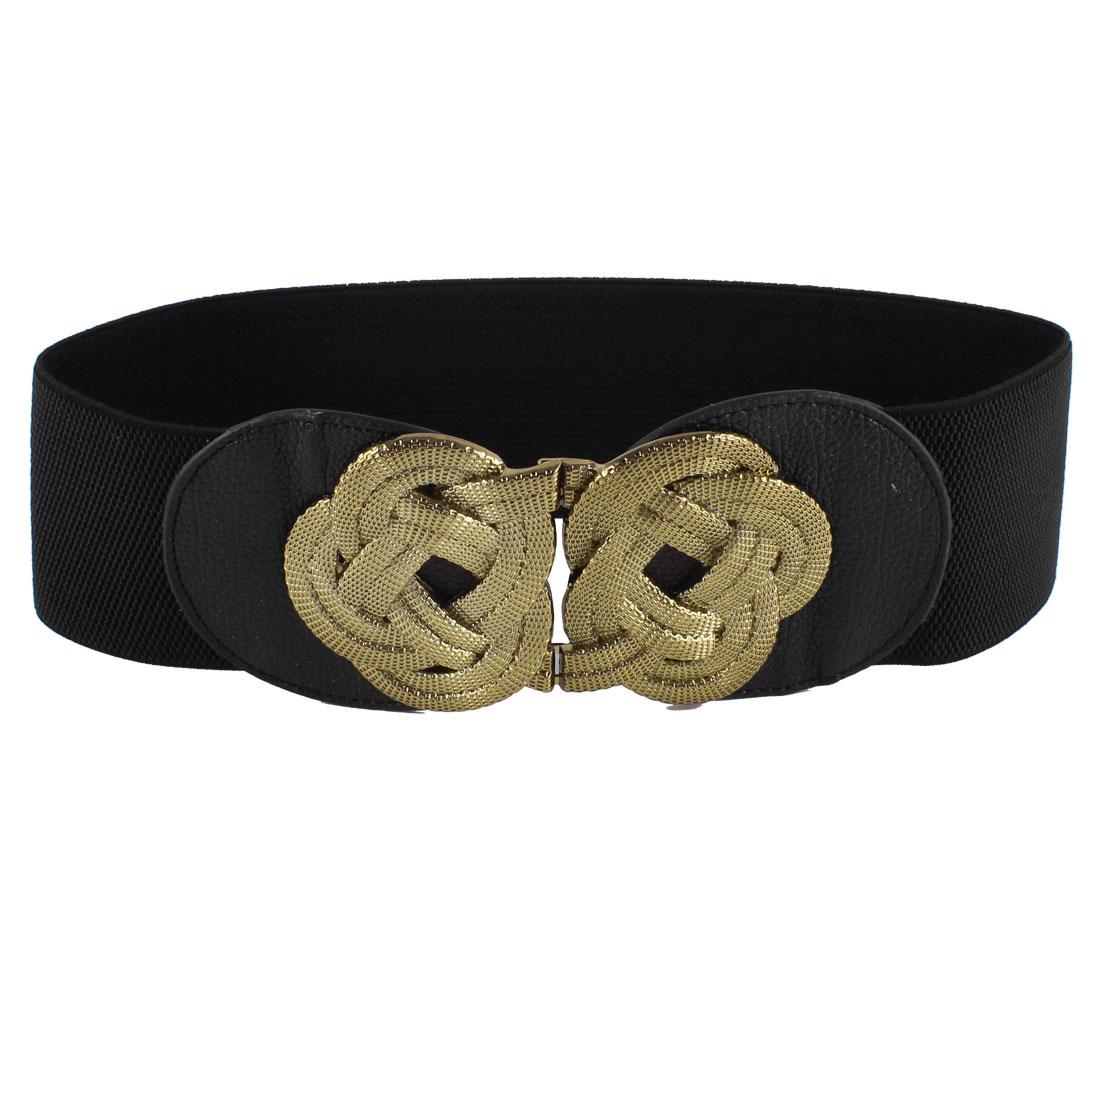 Ladies Gold Tone Metal Flower Knot Hook Buckle Black Elastic Waist Band Belt